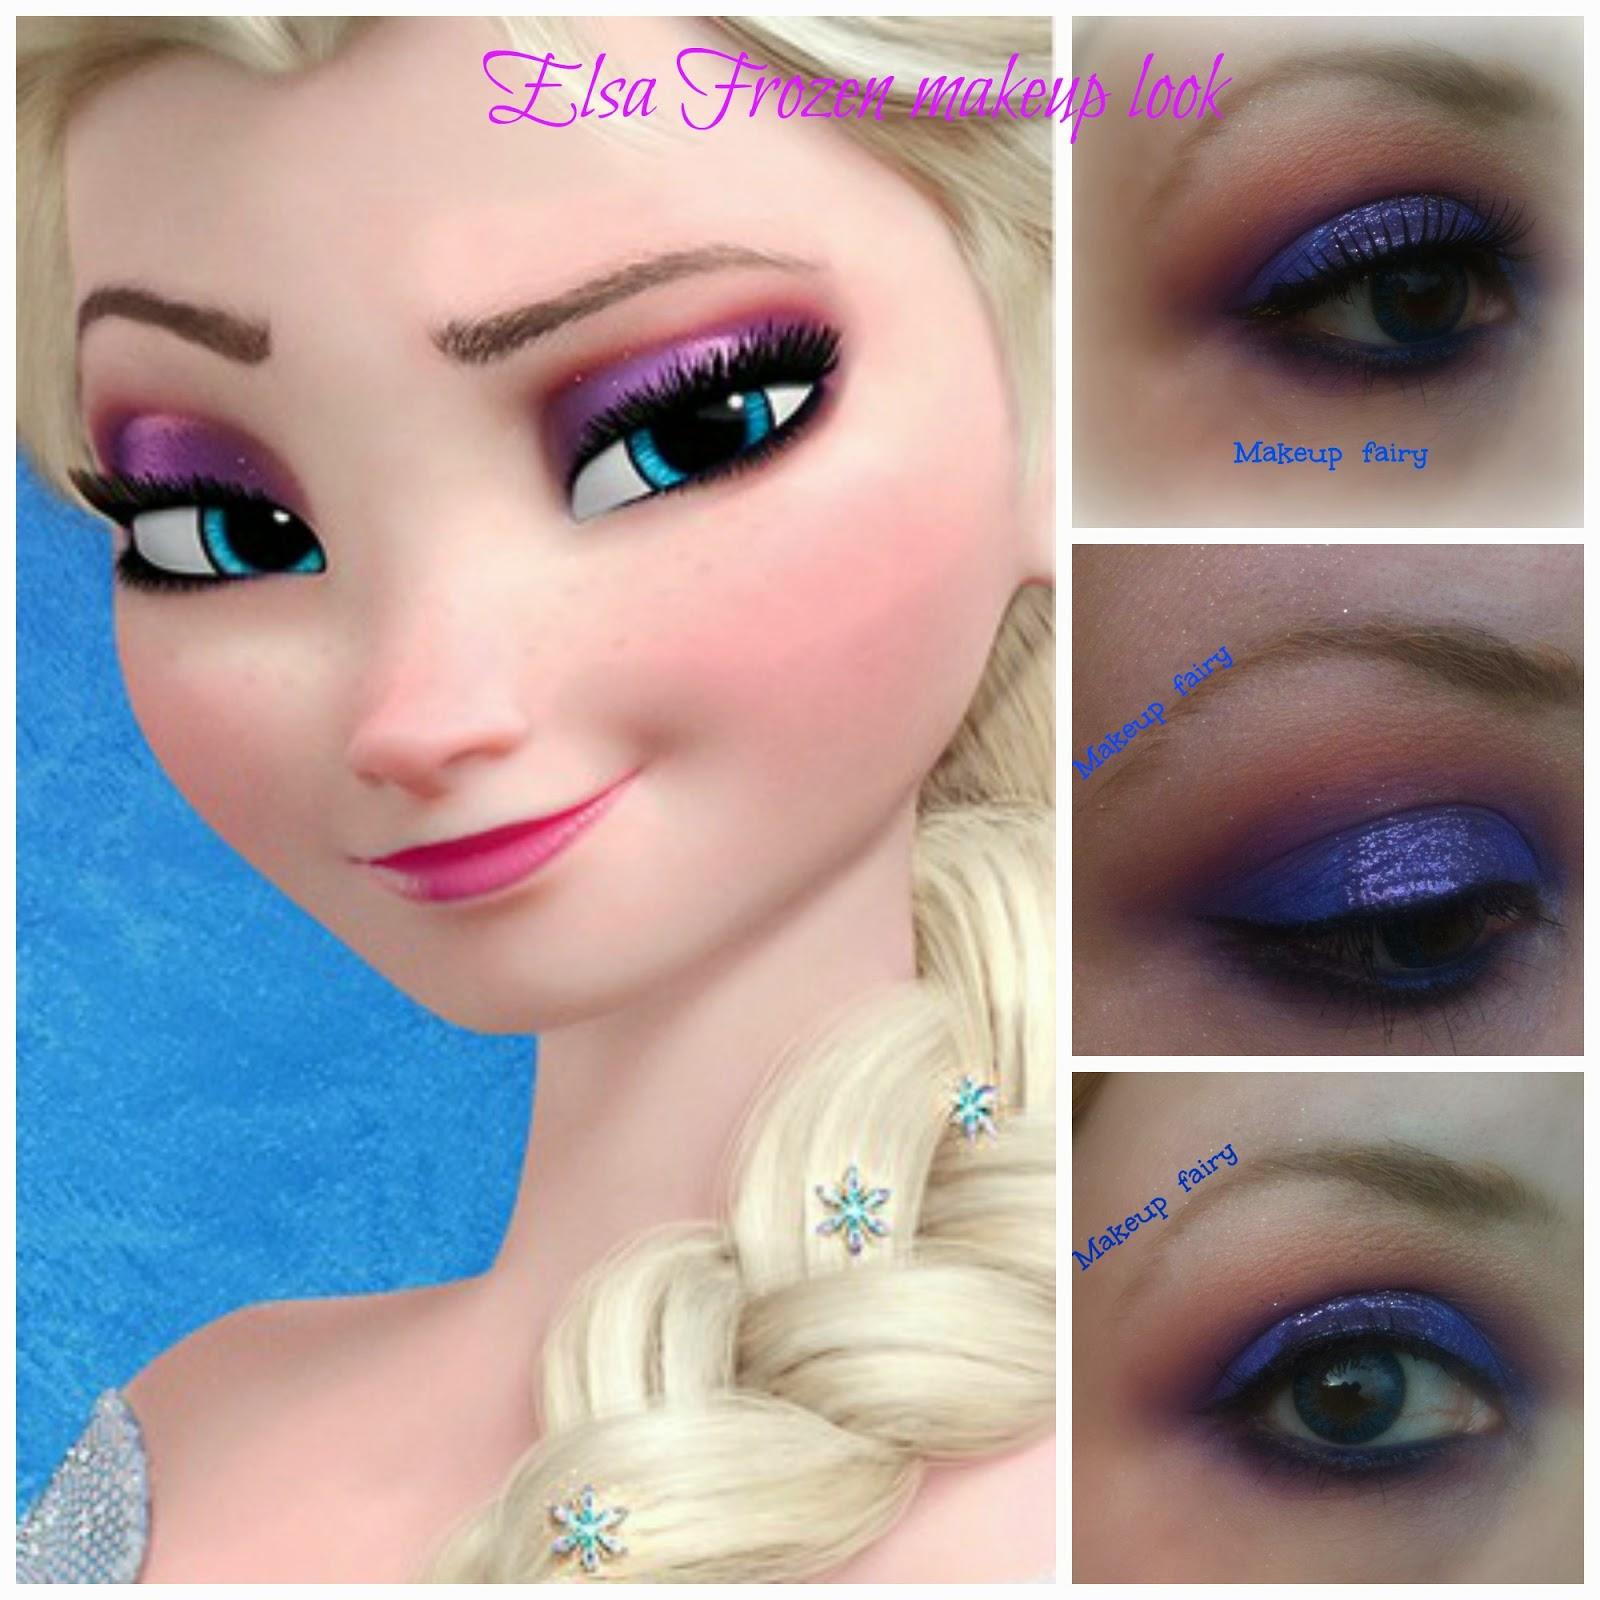 b7ab2d9f046 Elsa frozen inspired makeup look - disney princesses-